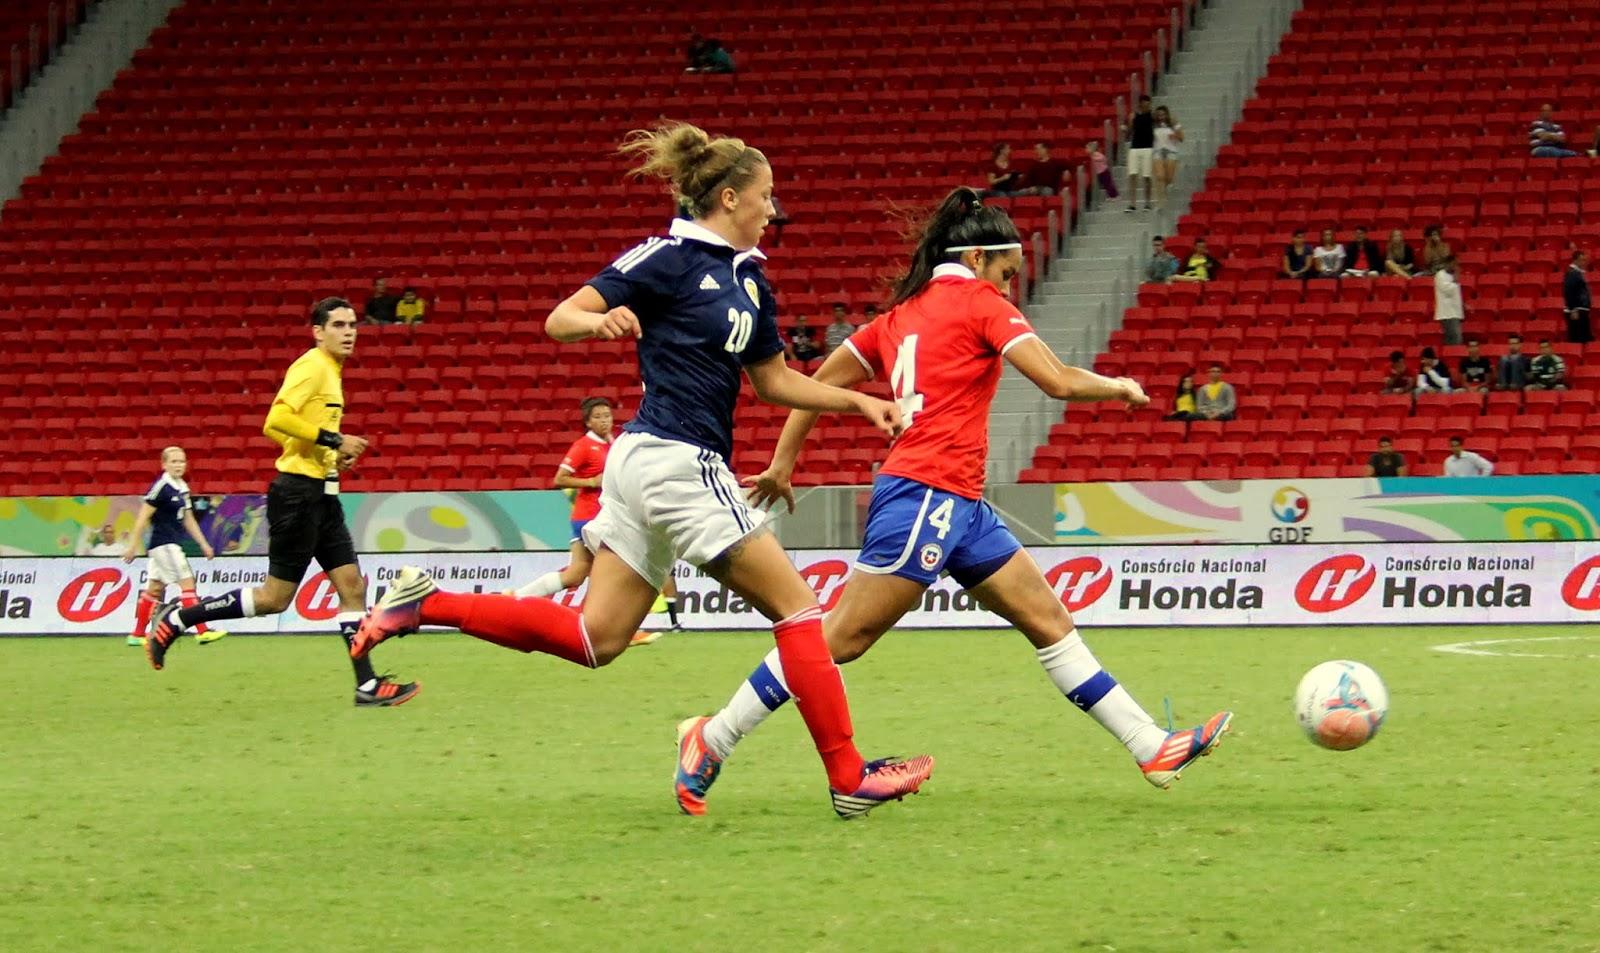 Chile y Escocia en Torneio Internacional de Brasília 2013, 18 de diciembre